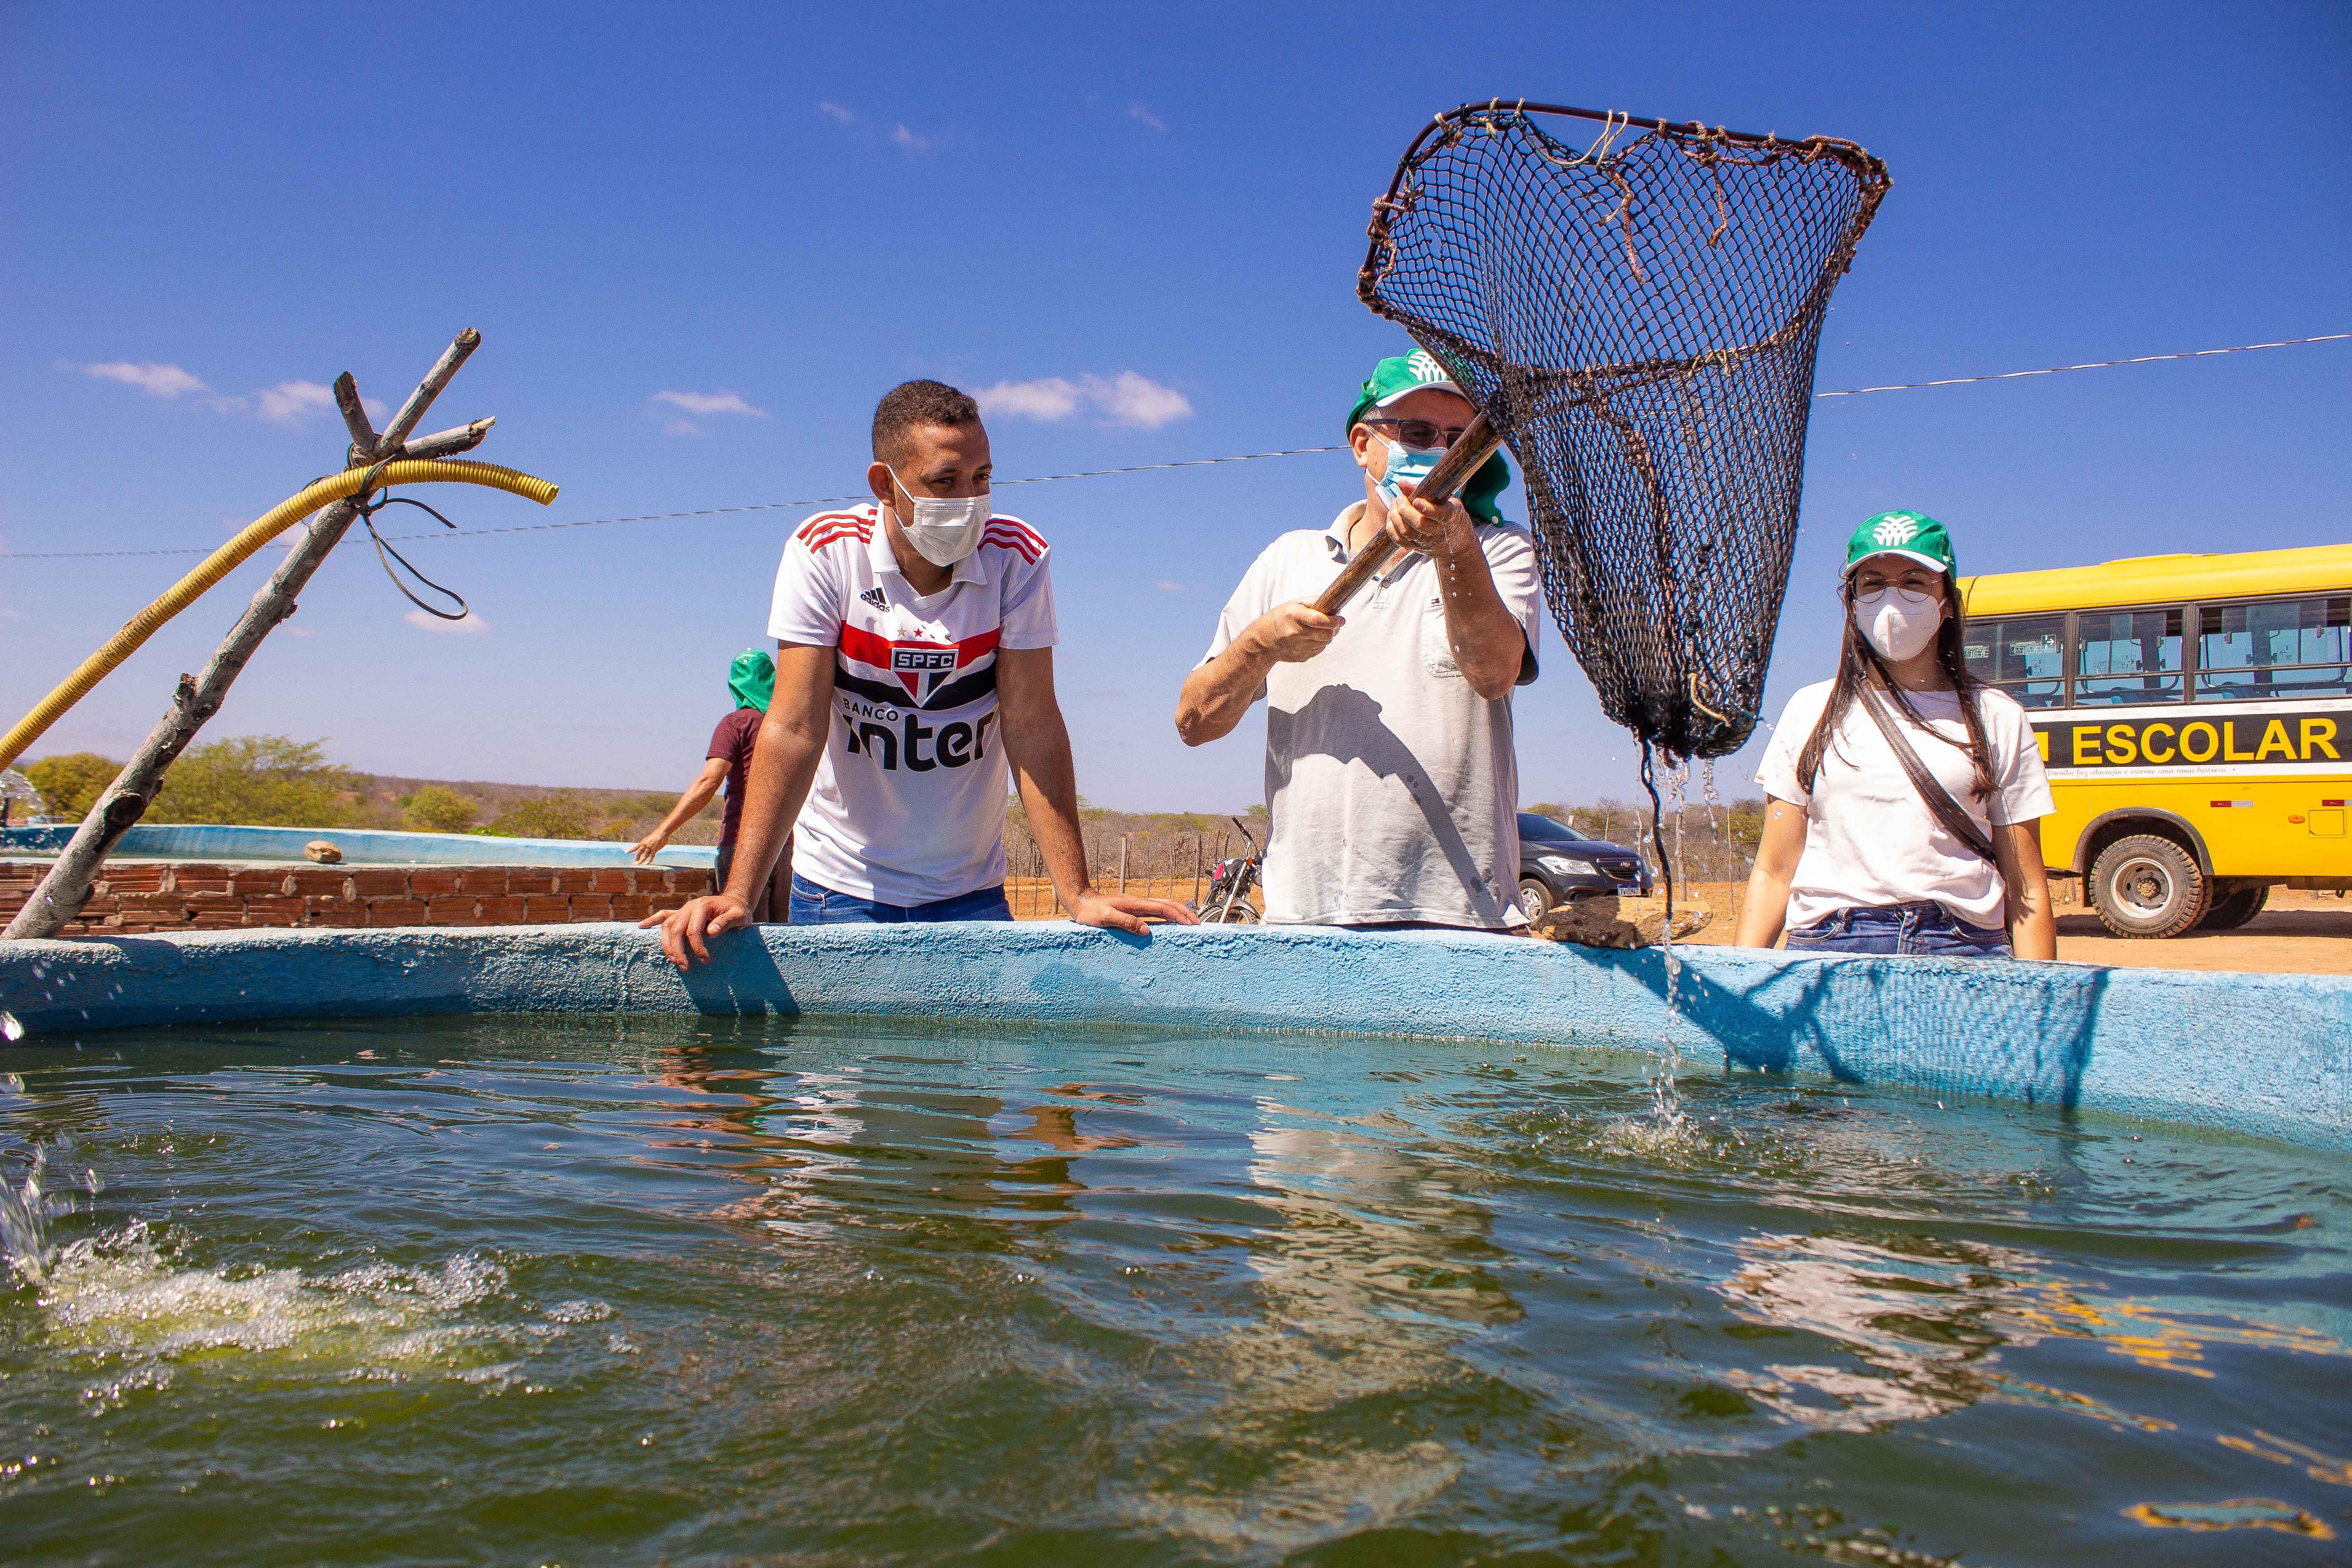 2021-09-17-e-19-curso-piscicultura-francisco-cesar-4717.jpg